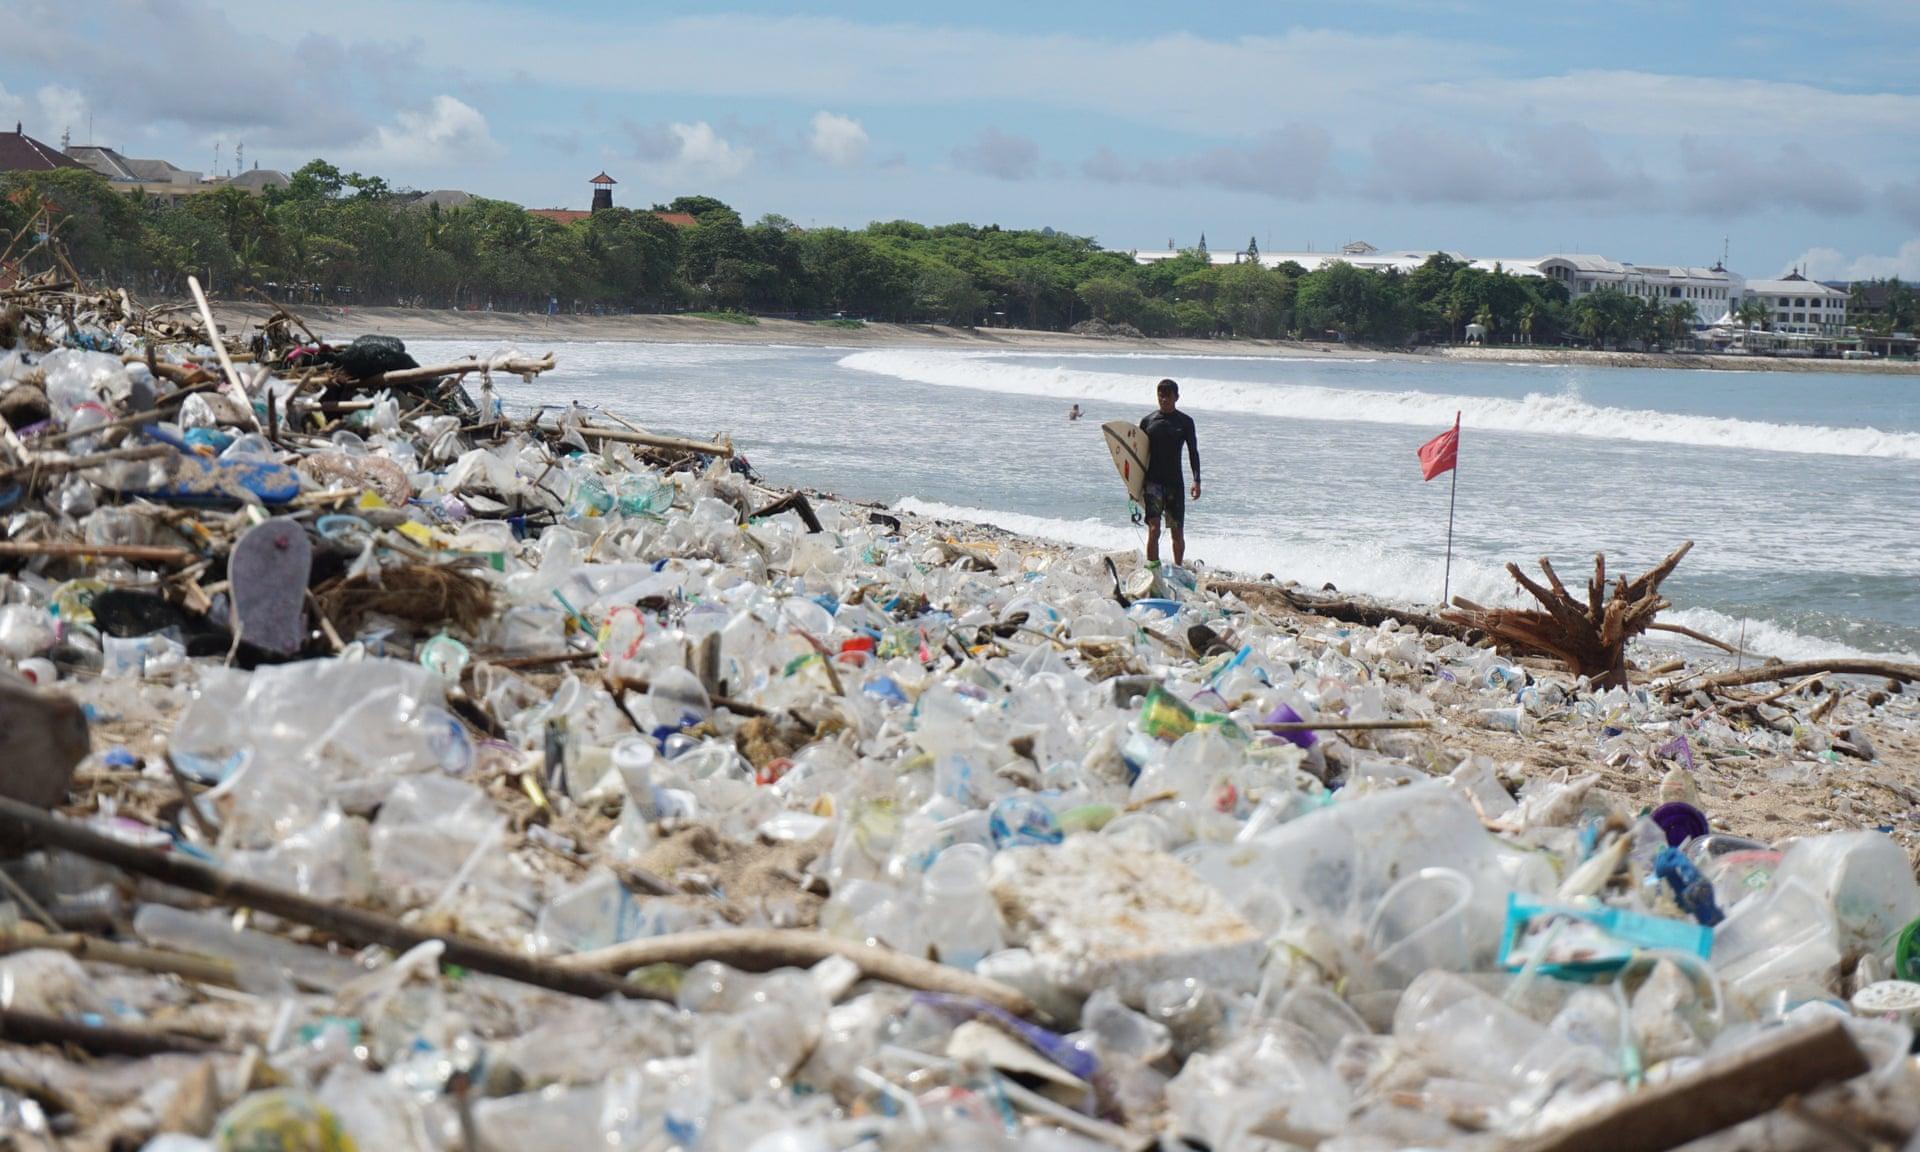 ФОТОФАКТ: популярный пляж Бали после шторма превратился в мусорную свалку — фото 1